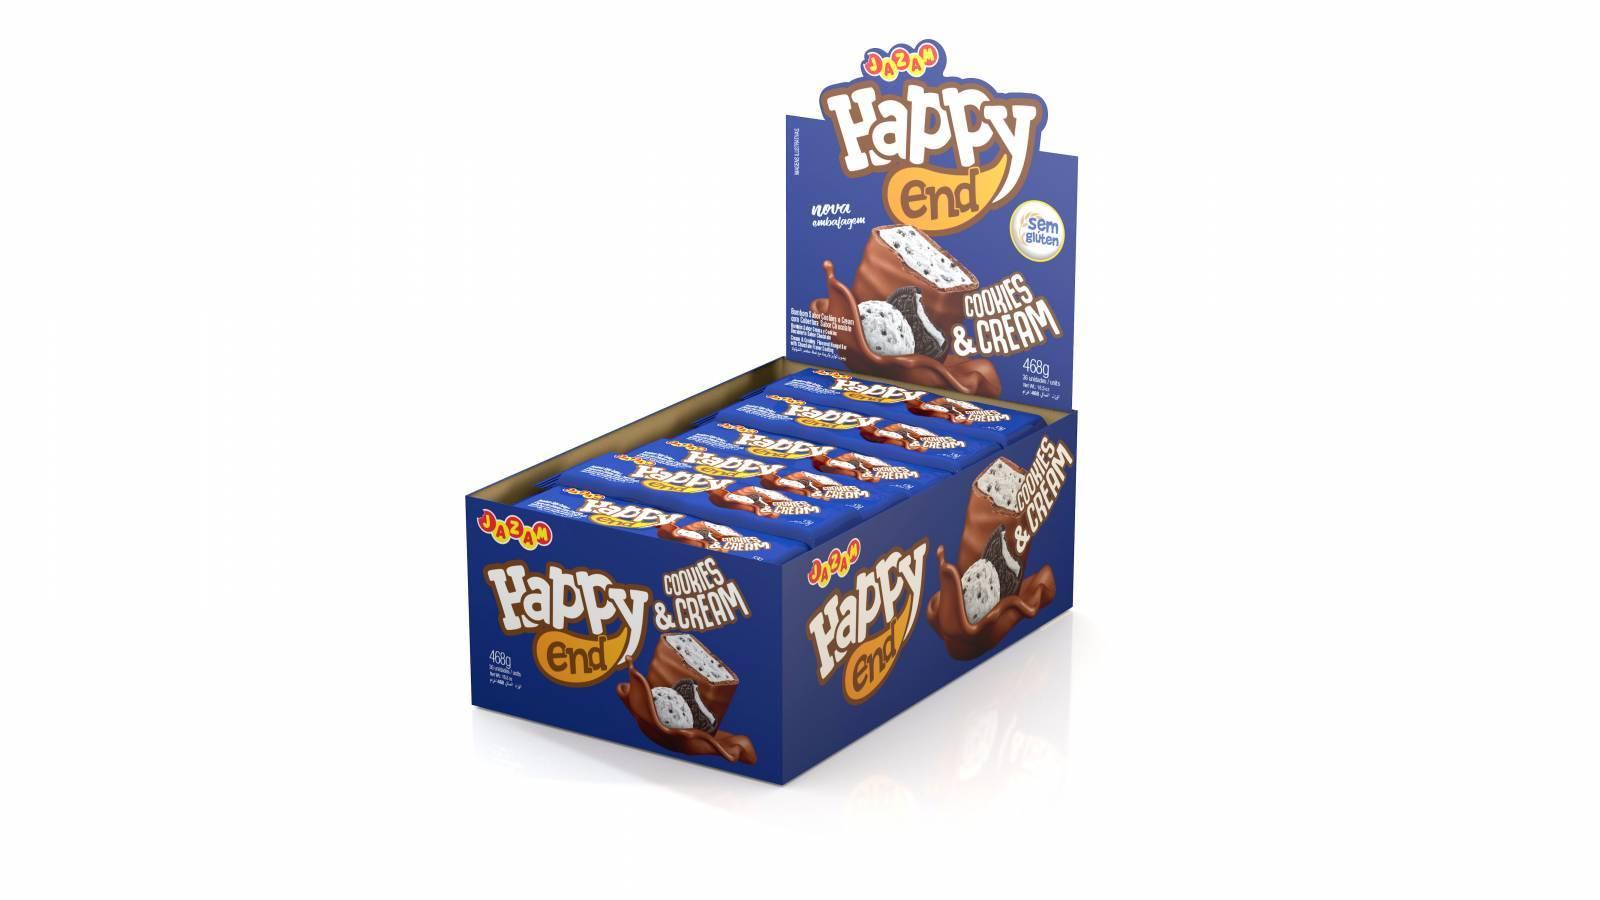 Bombom Happy End Cookies  & Cream - 468g - Jazam Alimentos